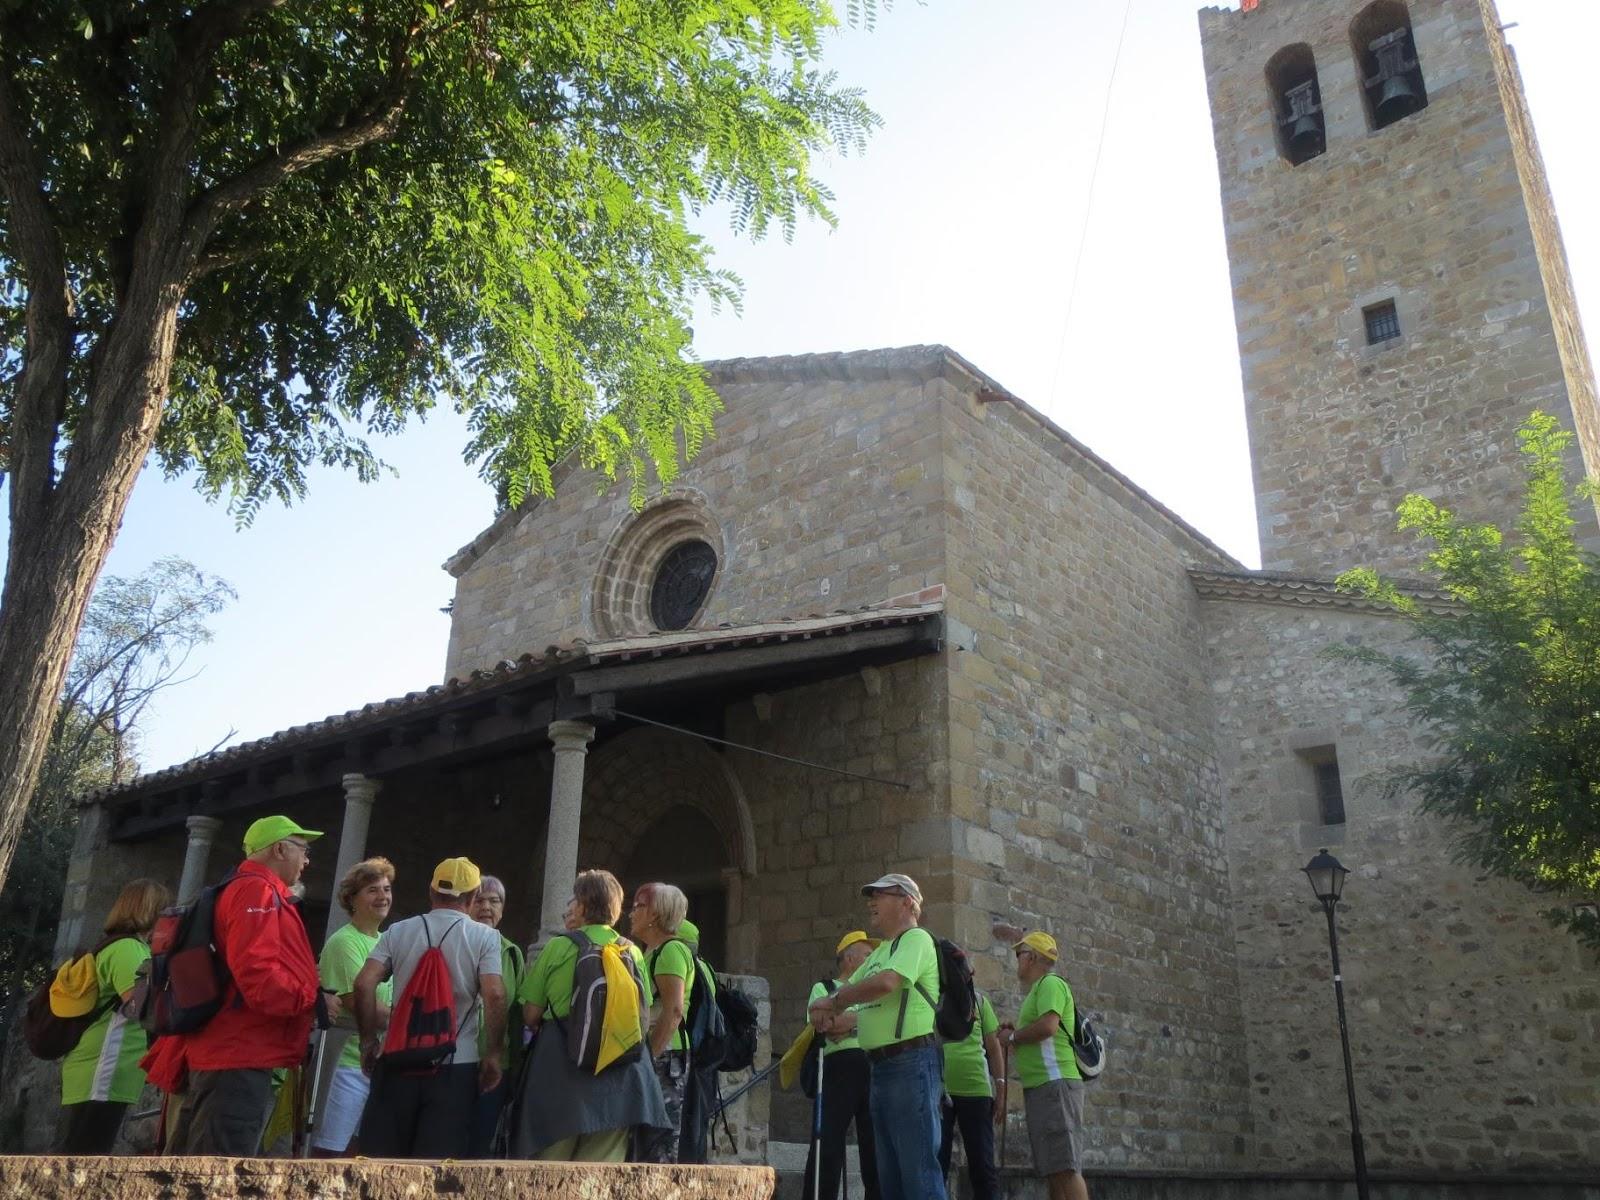 Caminaires de les faldes del montseny cardedeu mogent for Piscina santa agnes de malanyanes